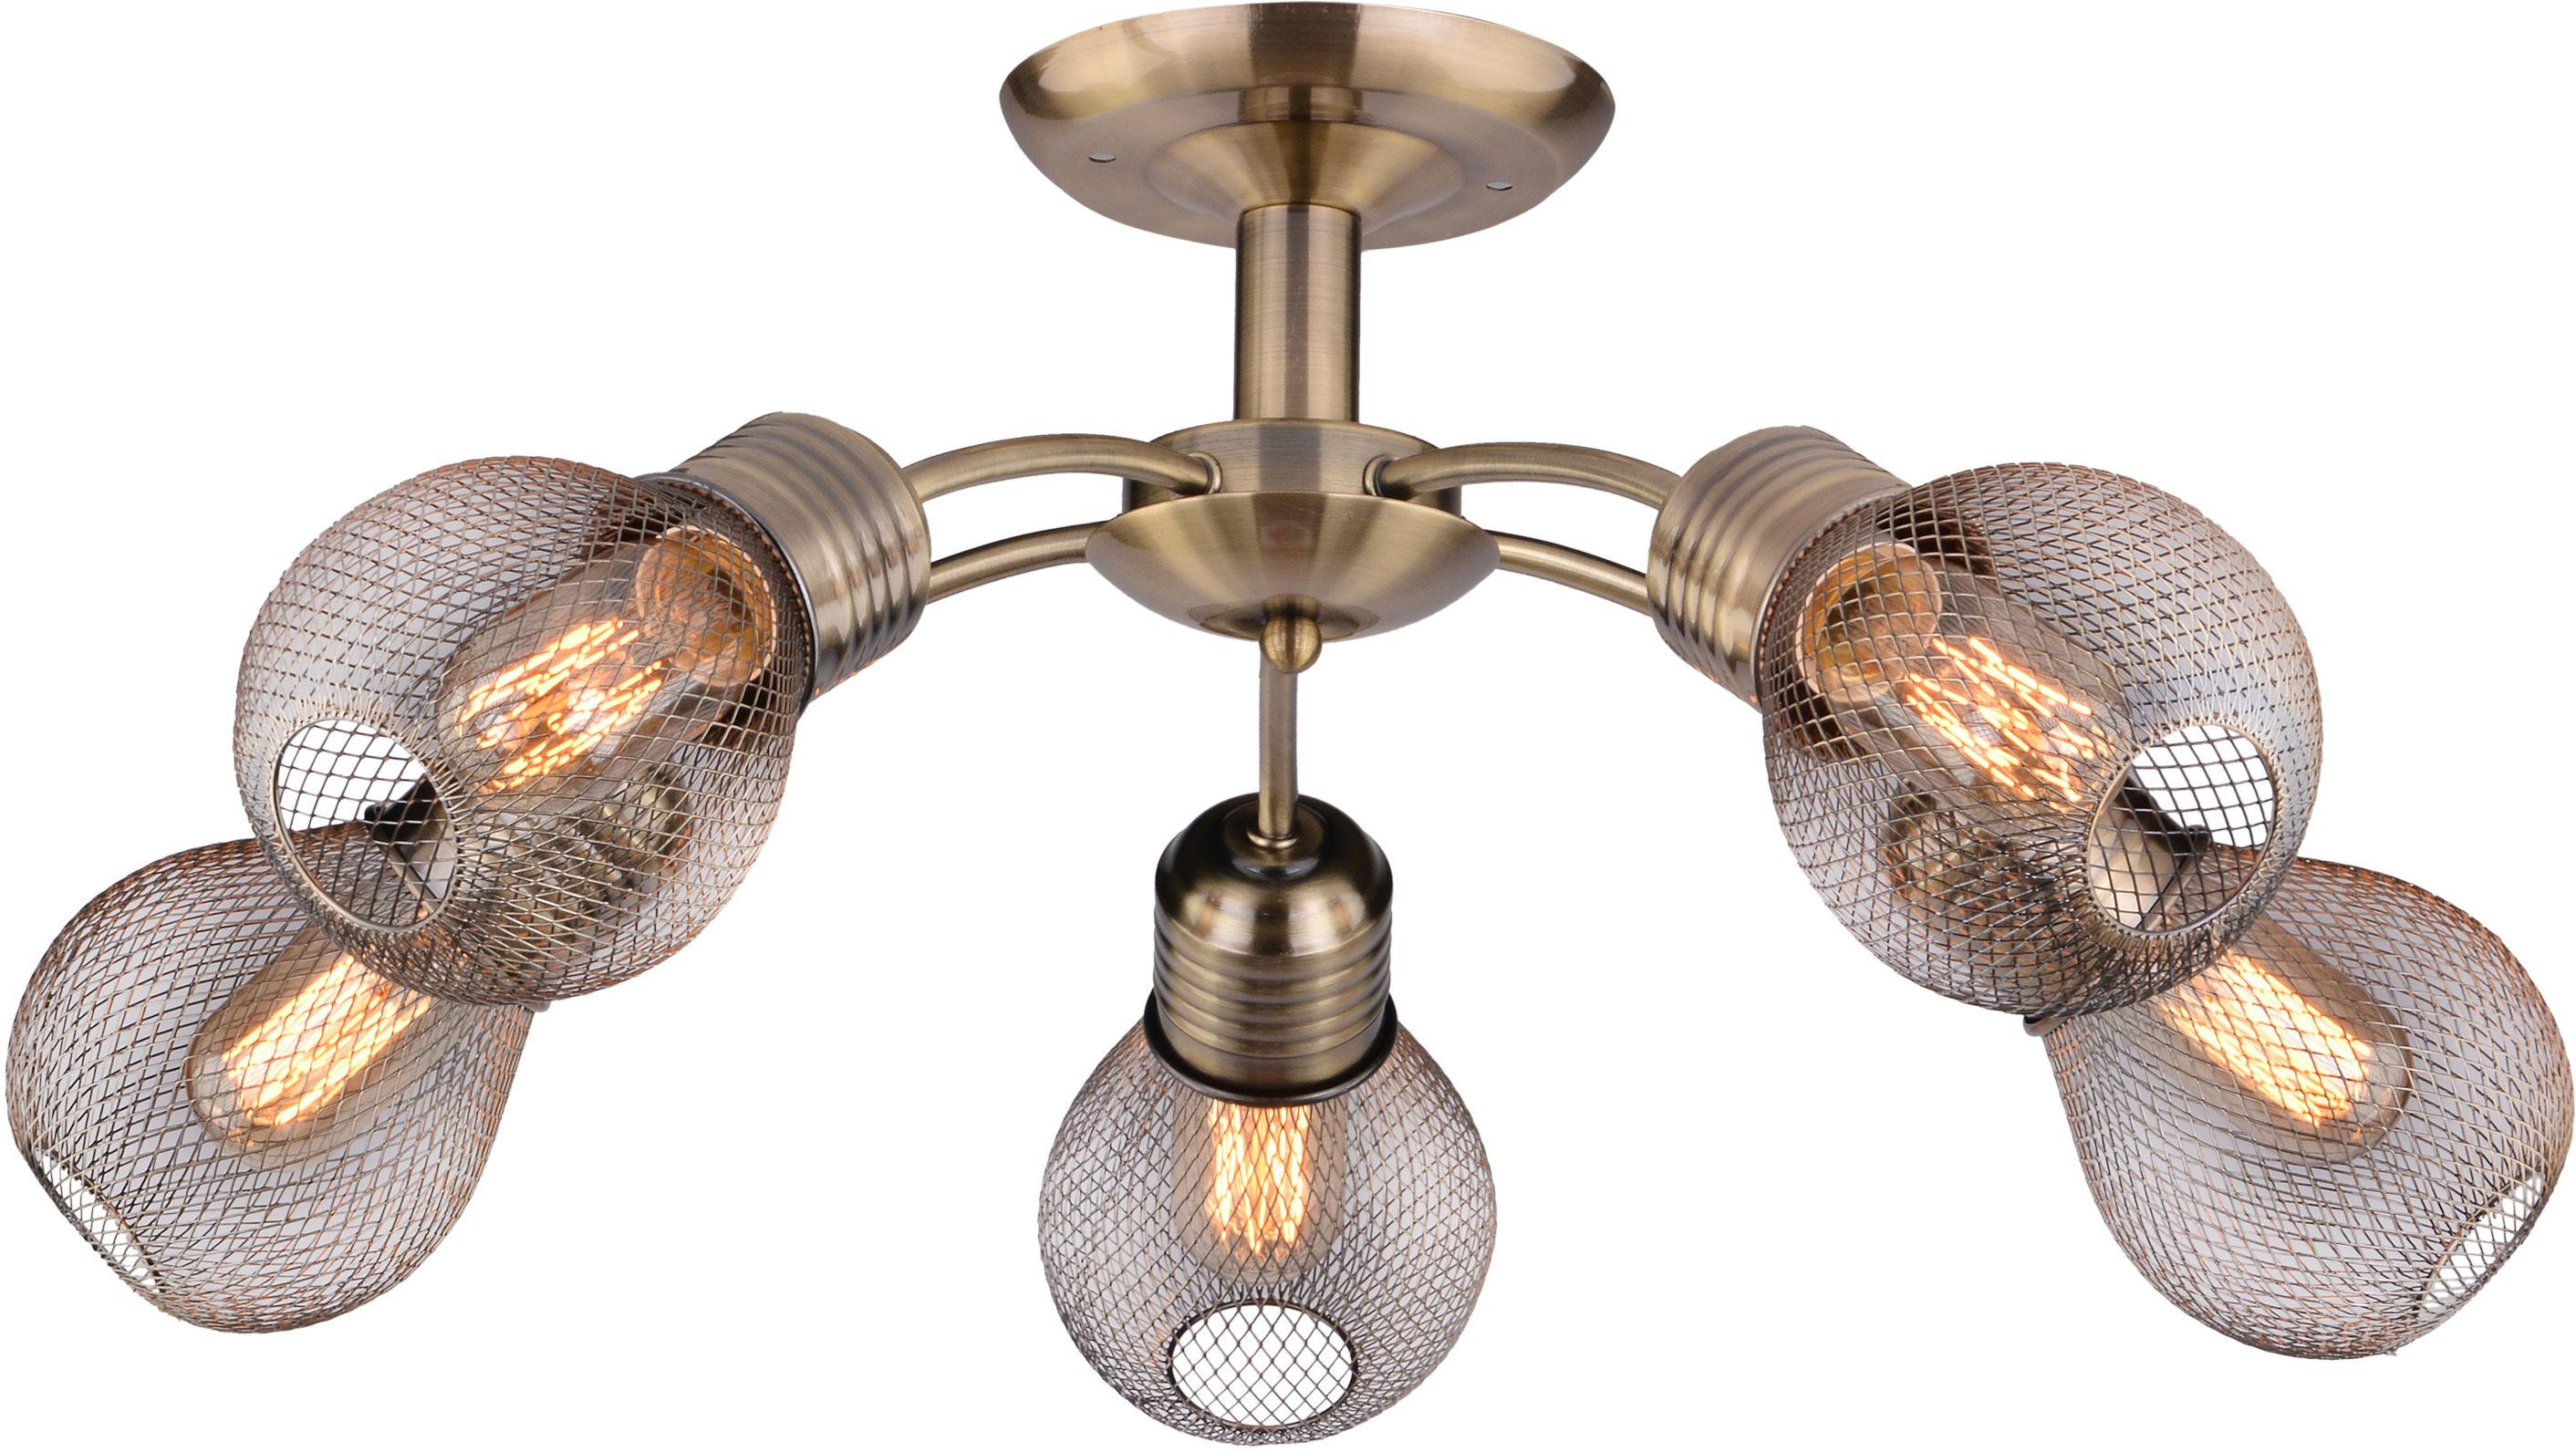 Candellux GLIVA 35-56603 plafon lampa sufitowa patyna 5X60W E27 62cm